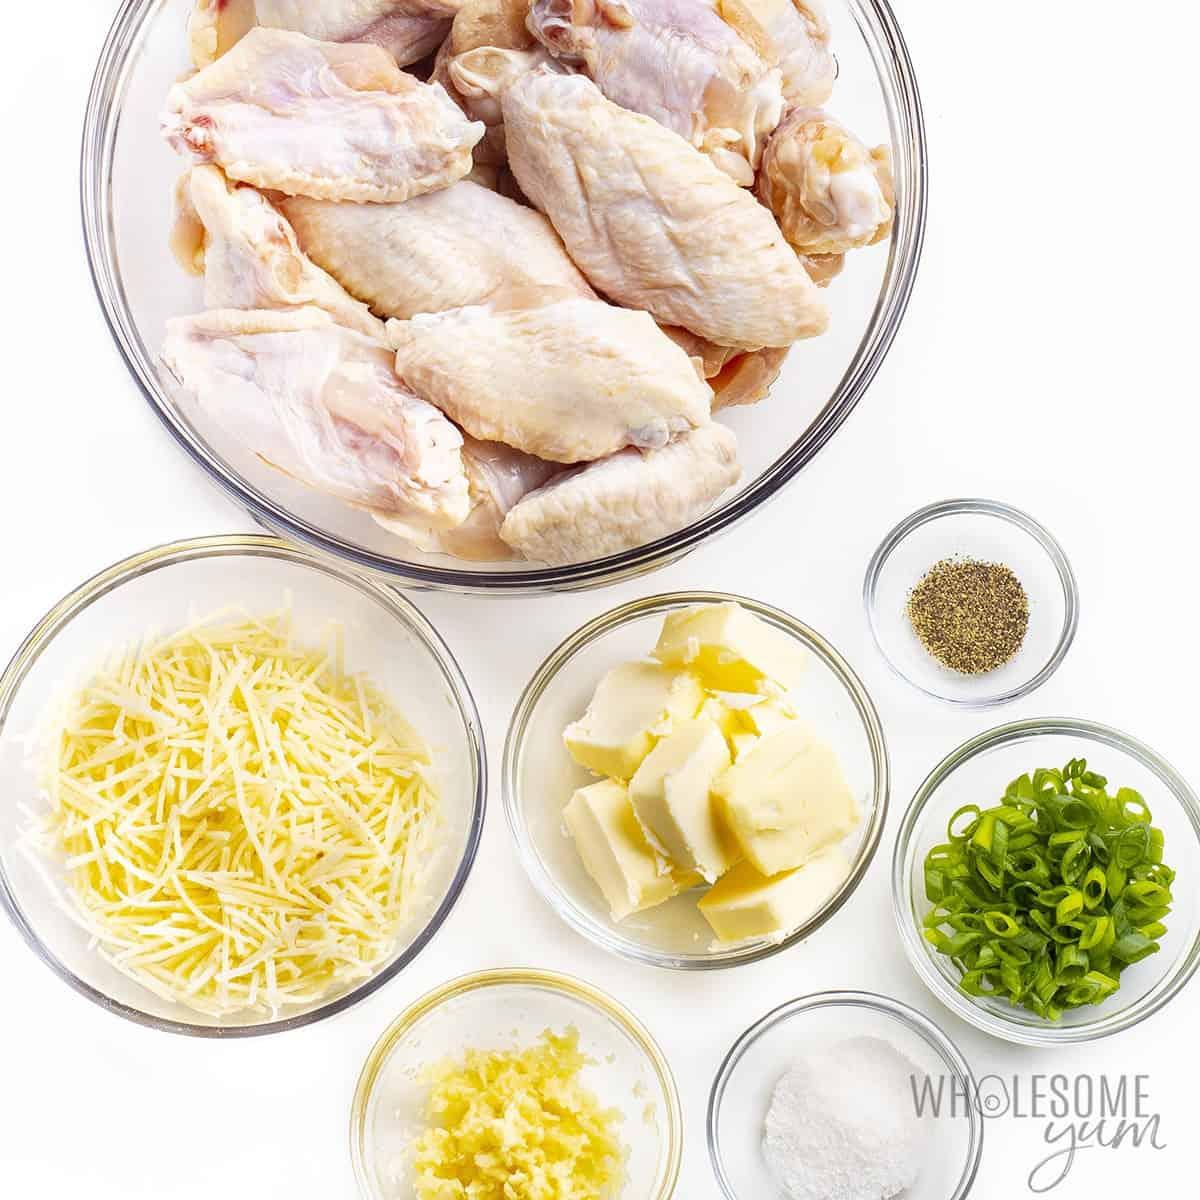 Ingredients to make garlic parmesan wings recipe